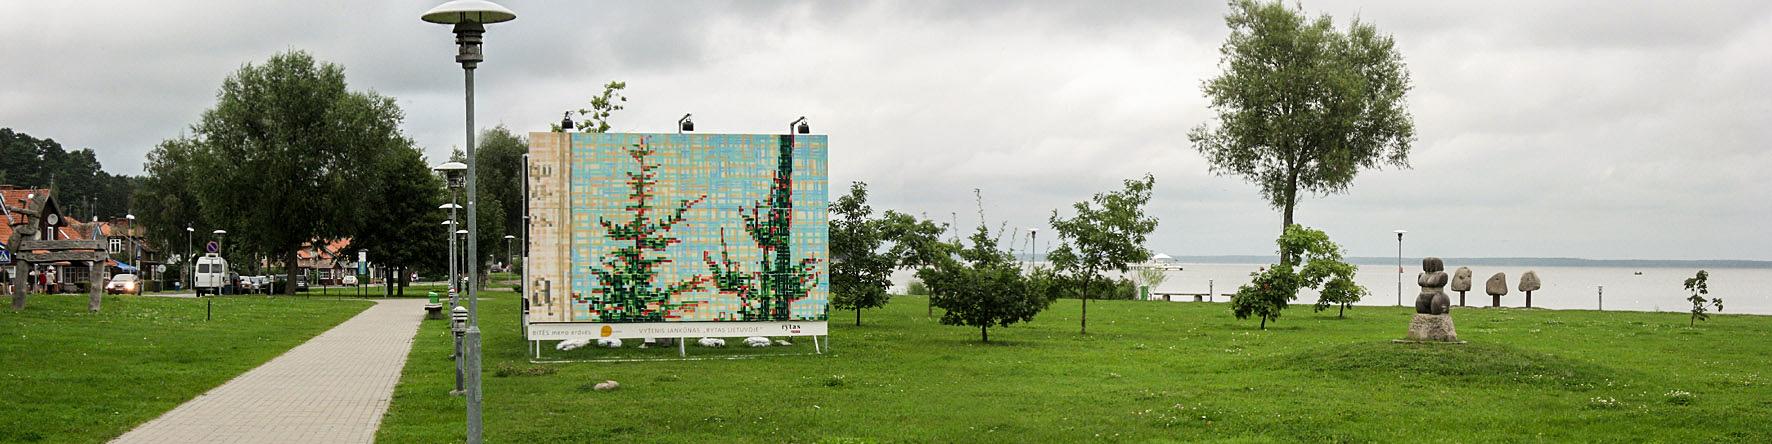 """Vytenis Jankūnas """"Rytas Lietuvoje,"""" 2011, acrylic paint on plywood. Shown on location in Juodkrantė, Lithuania"""